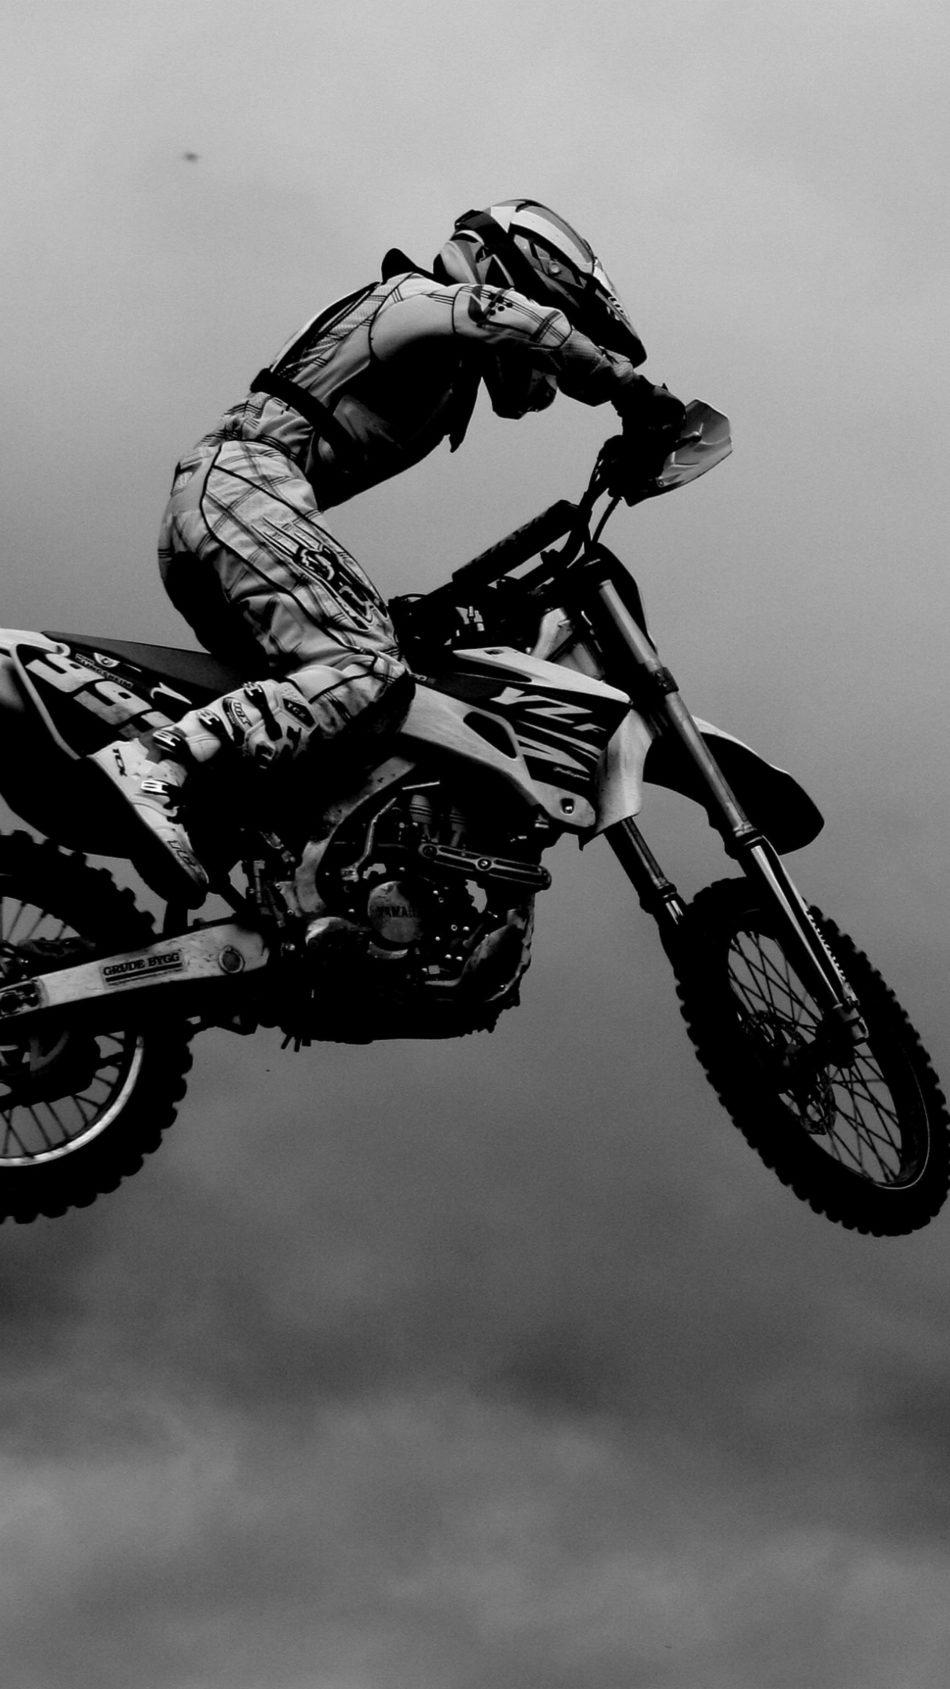 Motocross Black & White 4K Ultra HD Mobile Wallpaper